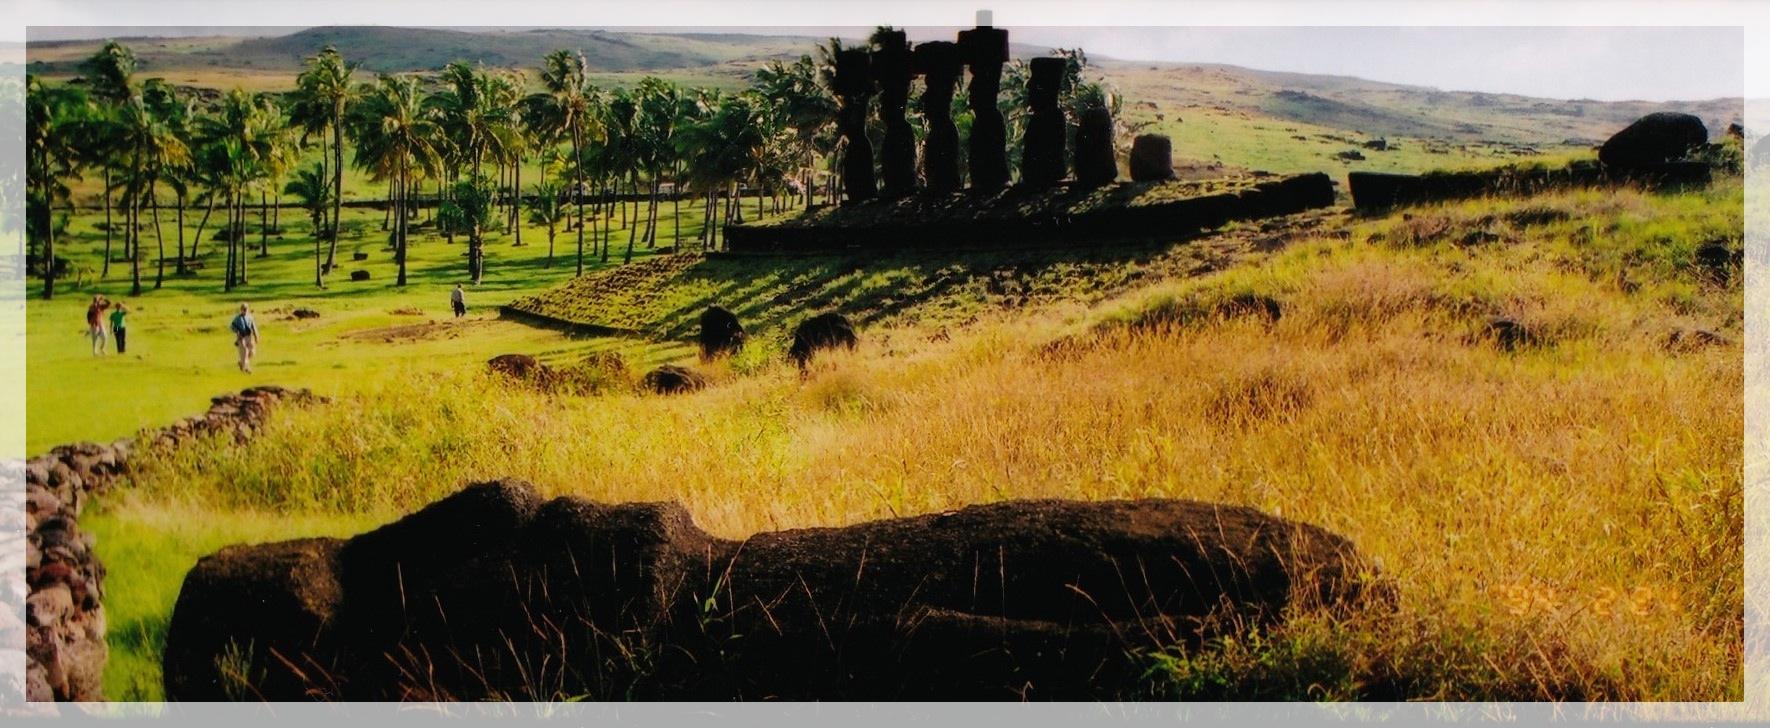 世界一周旅行 イースター島旅行記